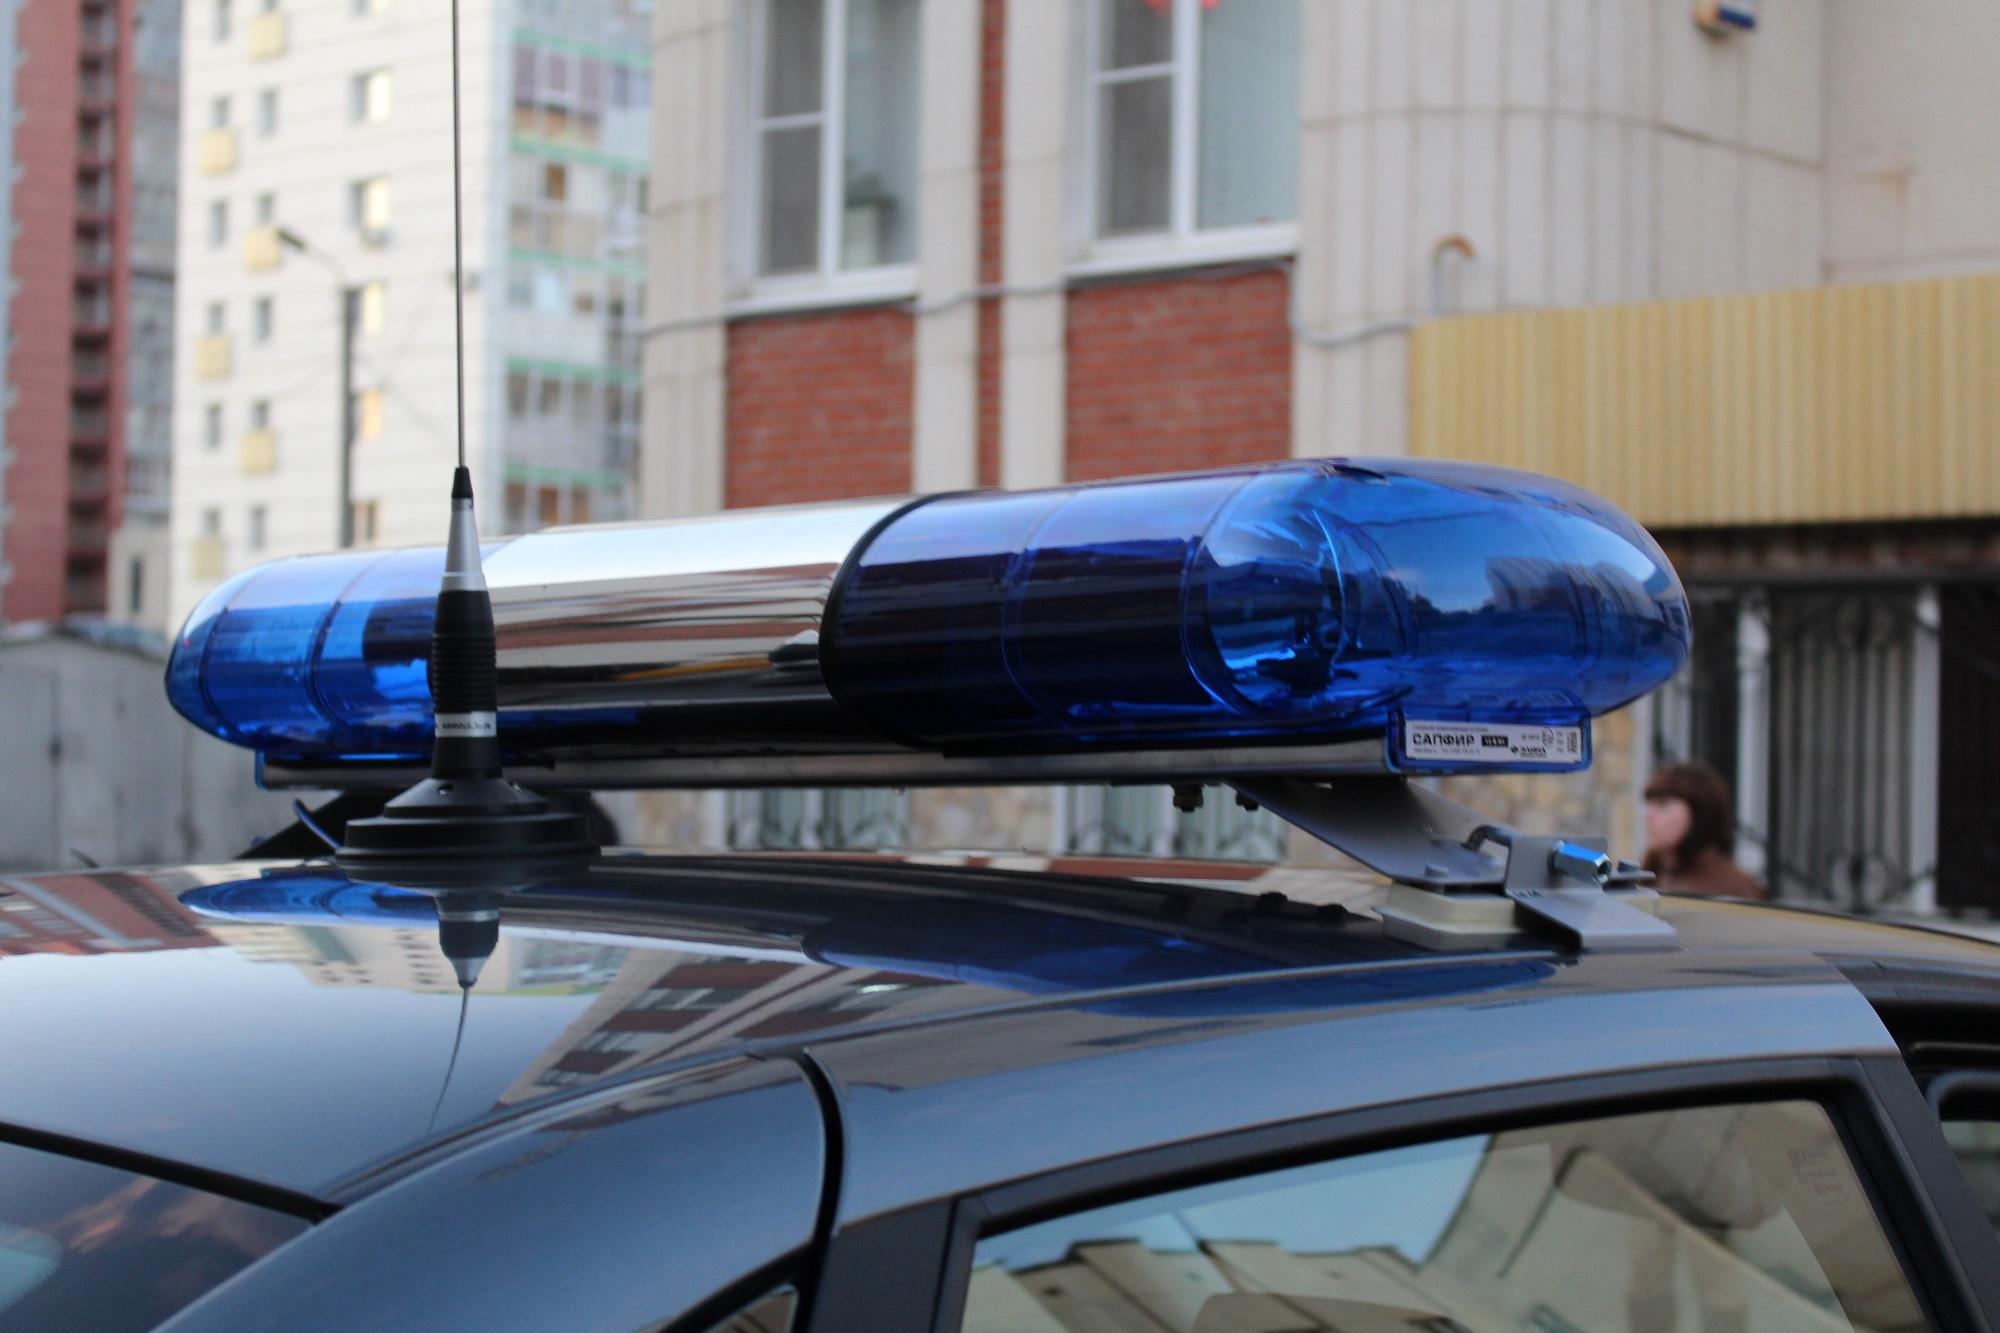 Жителя Башкирии арестовали на трое суток за жестокое избиение родственника